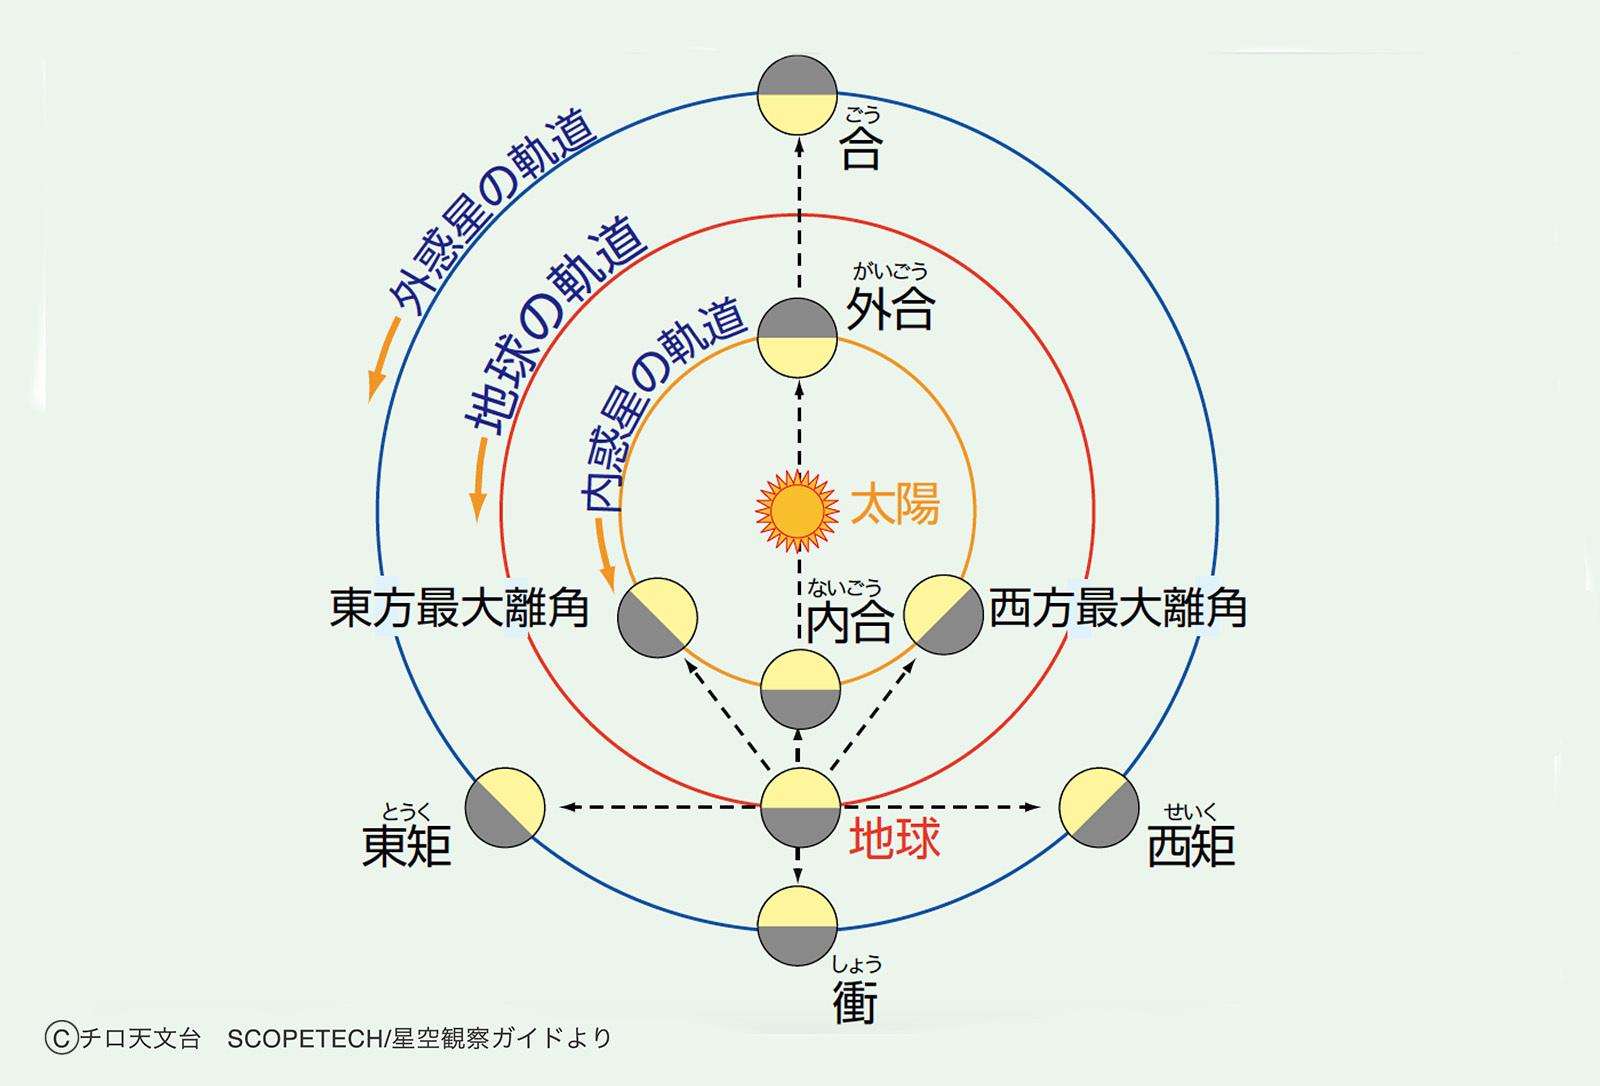 惑星の位置説明